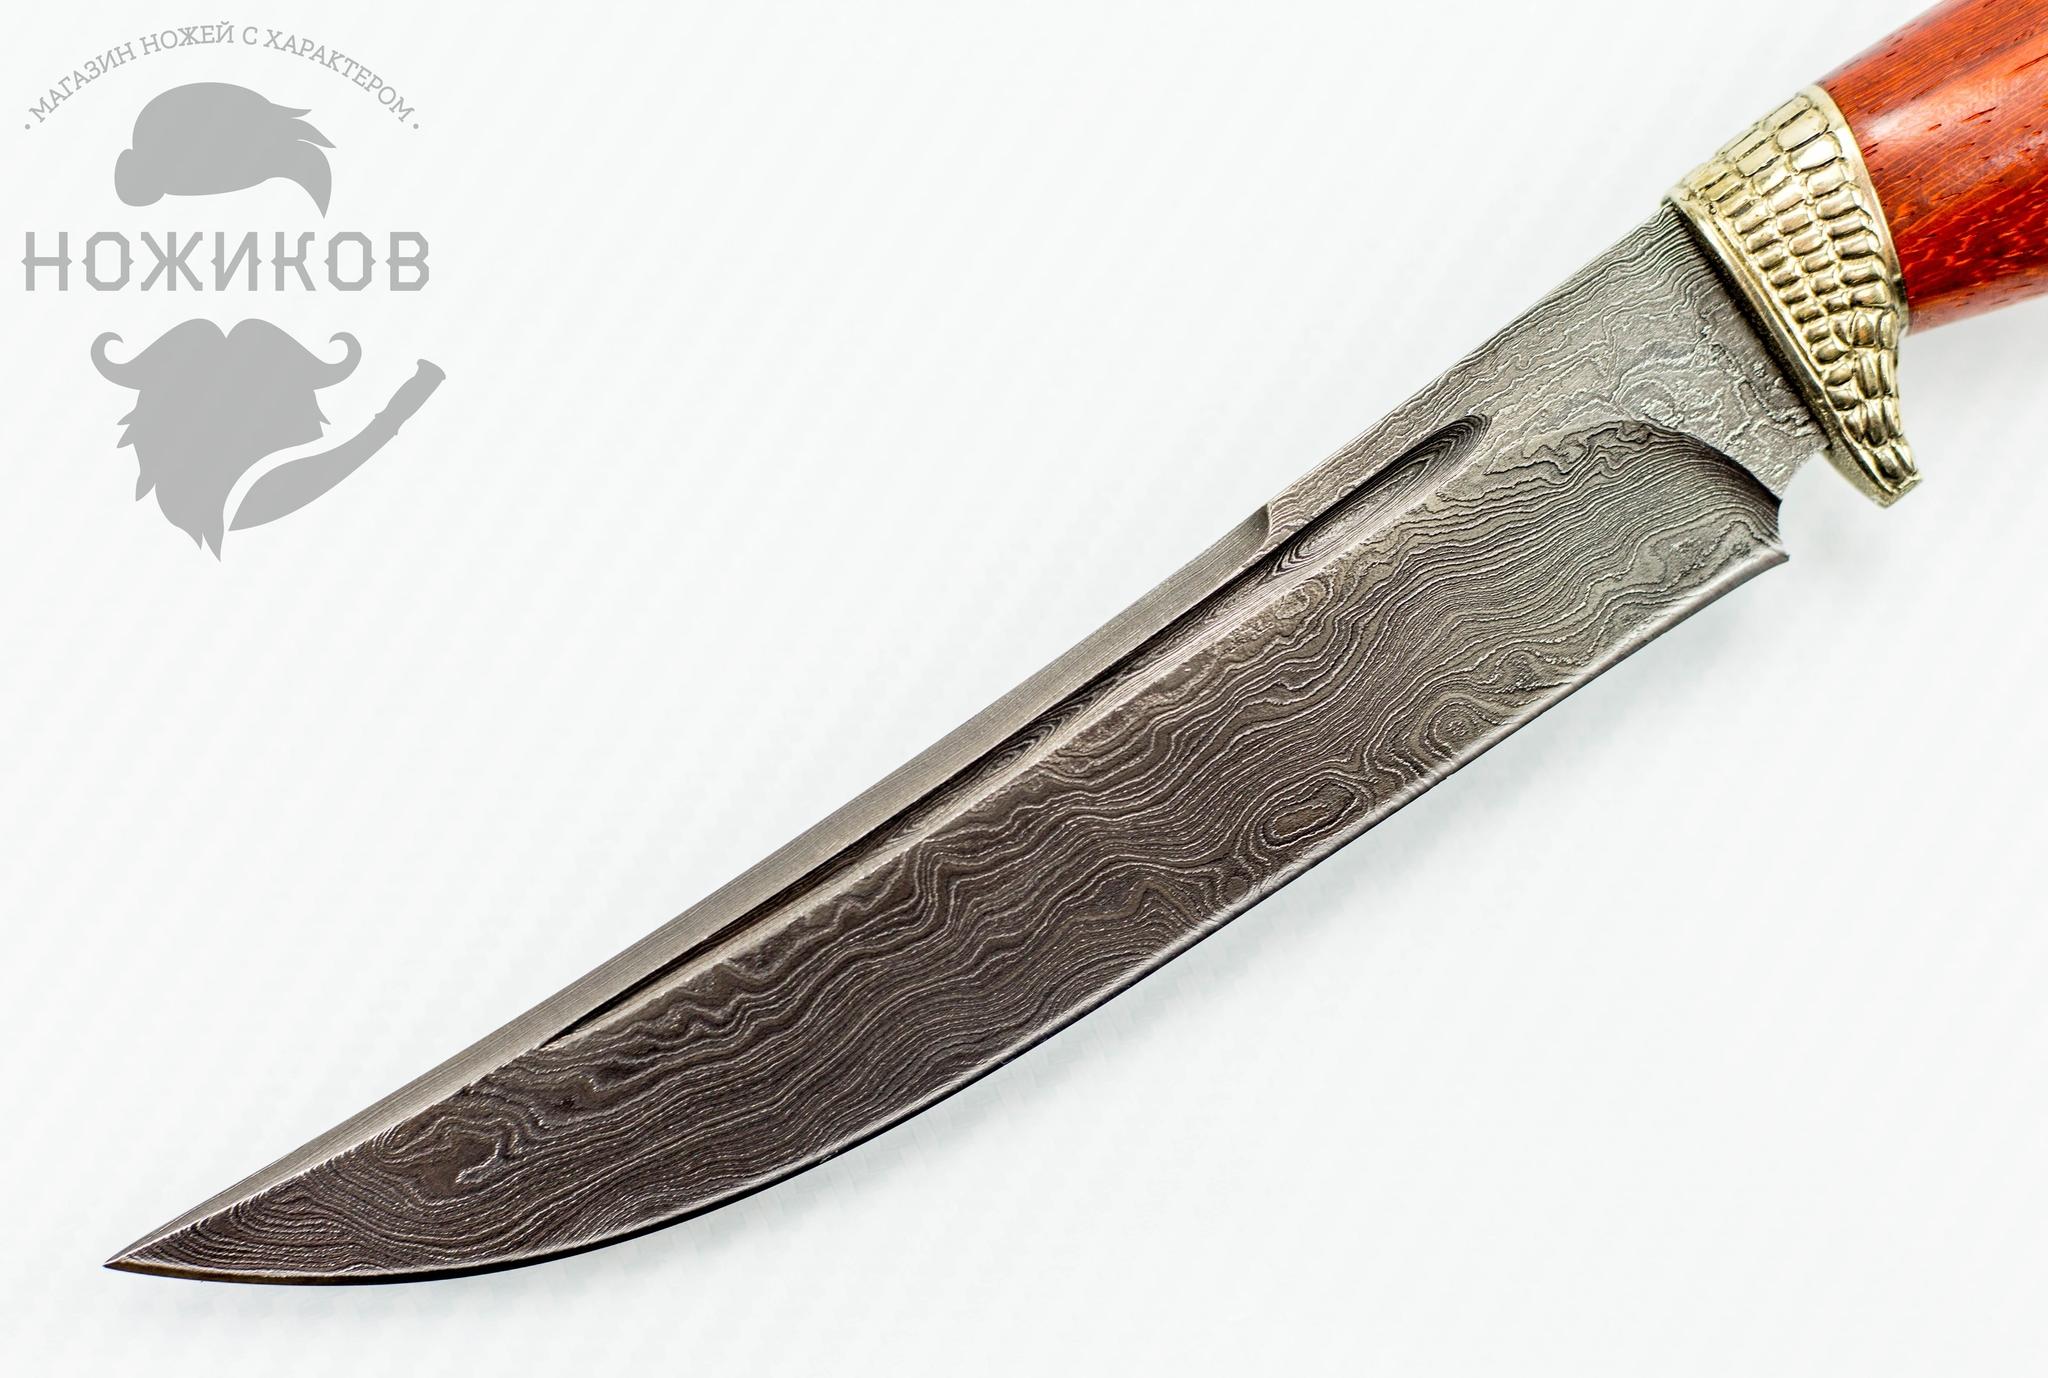 Фото 9 - Авторский Нож из Дамаска №58, Кизляр